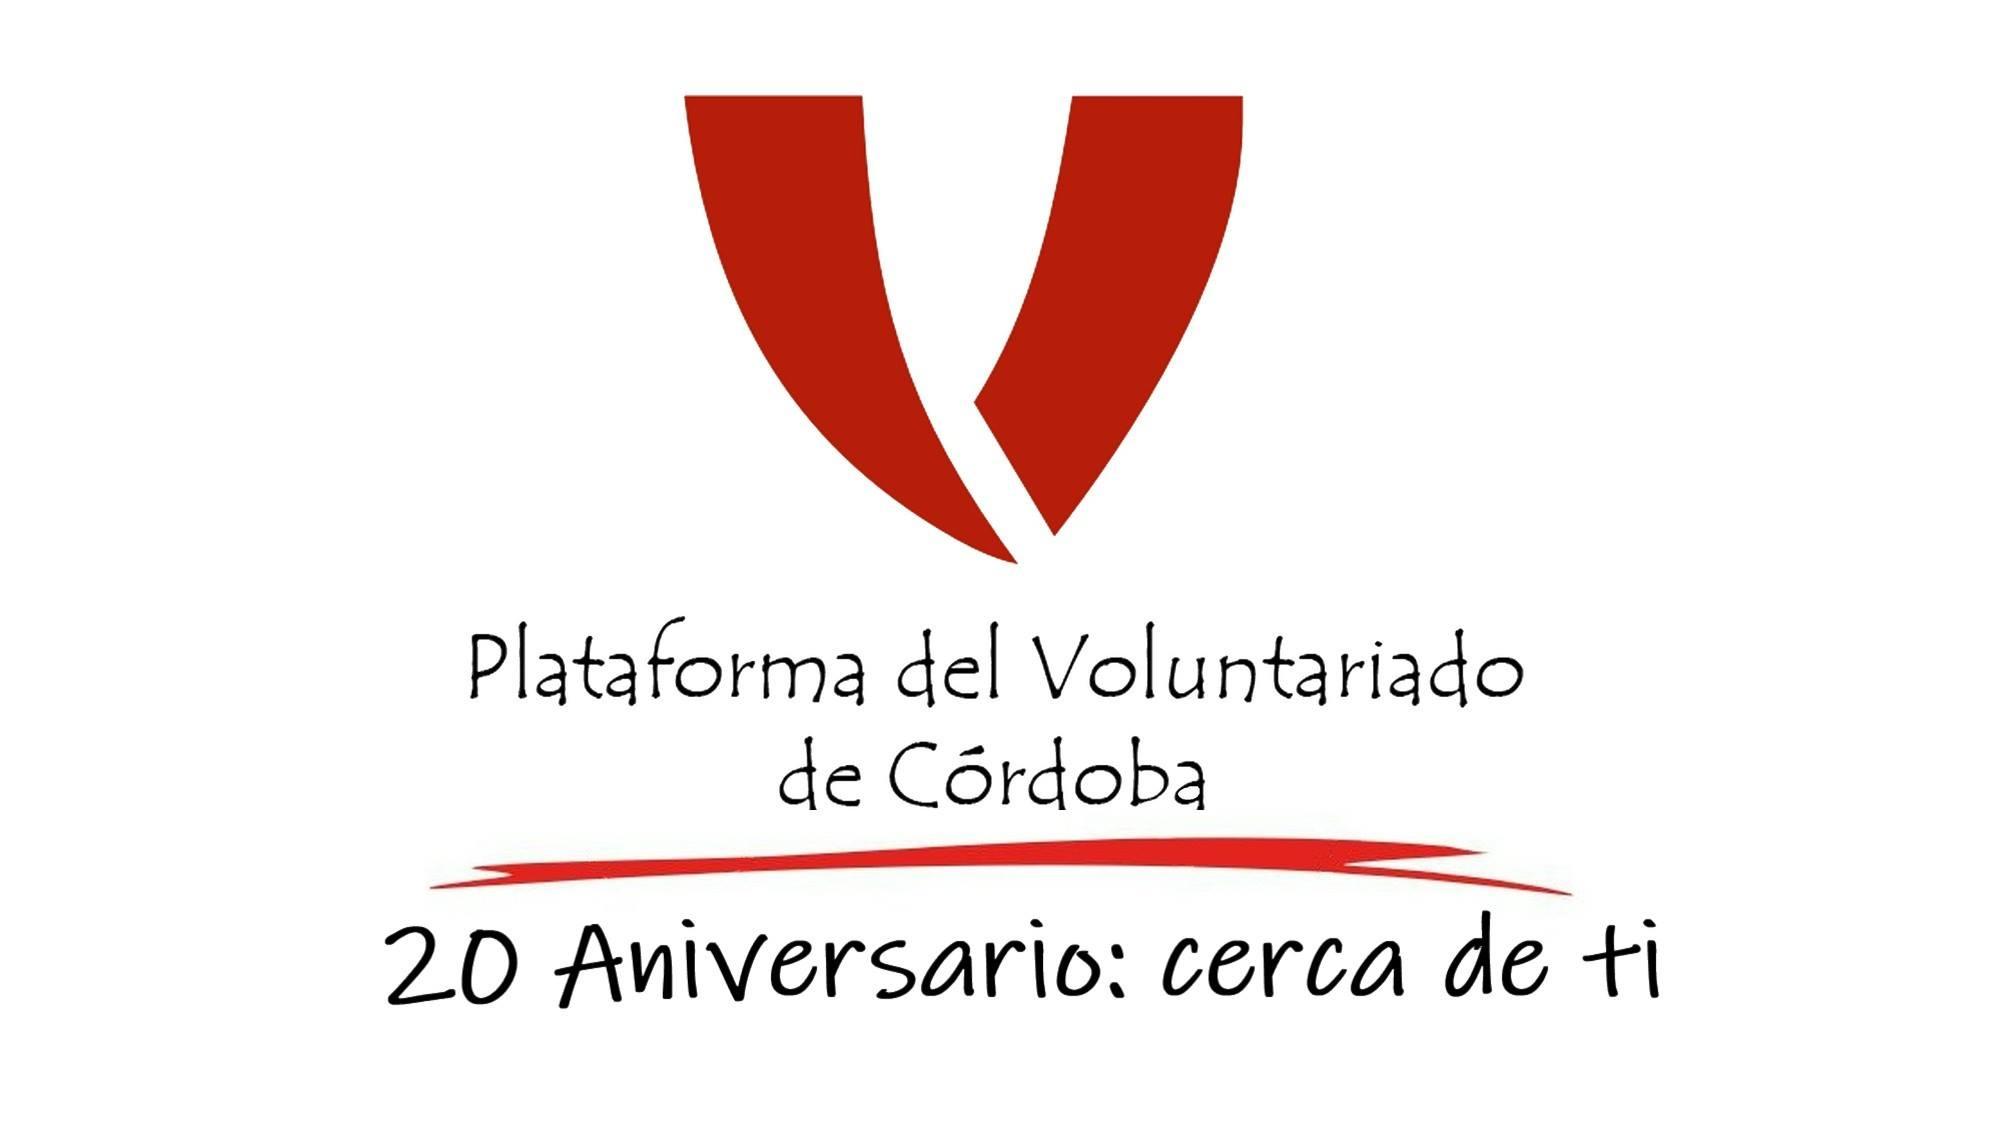 PLATAFORMA DE VOLUNTARIADO DE CORDOBA